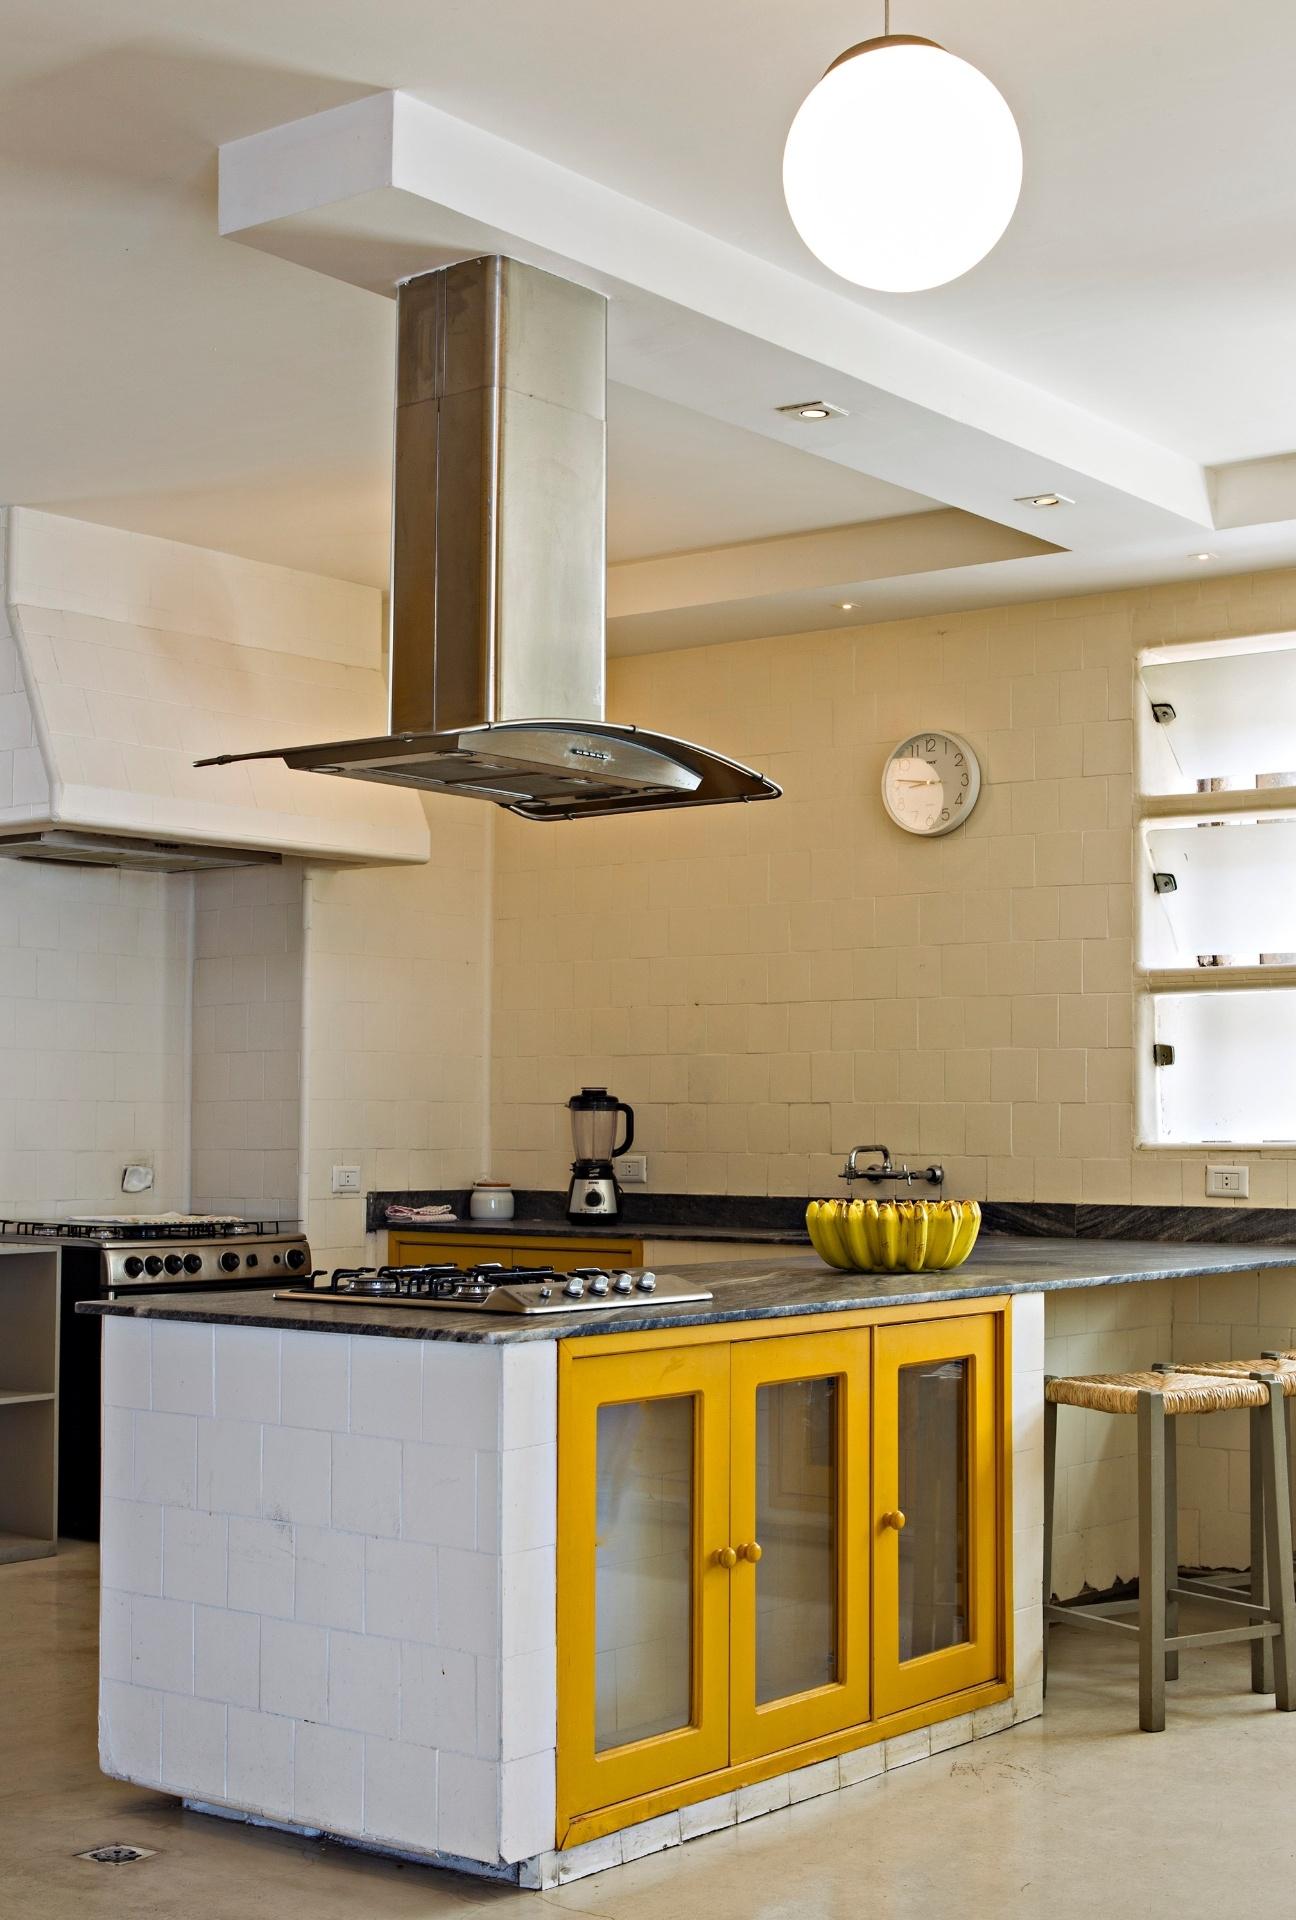 Como os proprietários queriam uma cozinha inspirada nas italianas antigas, os arquitetos instalaram uma ilha com cooktop e armários com portas de vidro e azulejos garimpados. Tudo combinando com bancos de palha que dão o ar